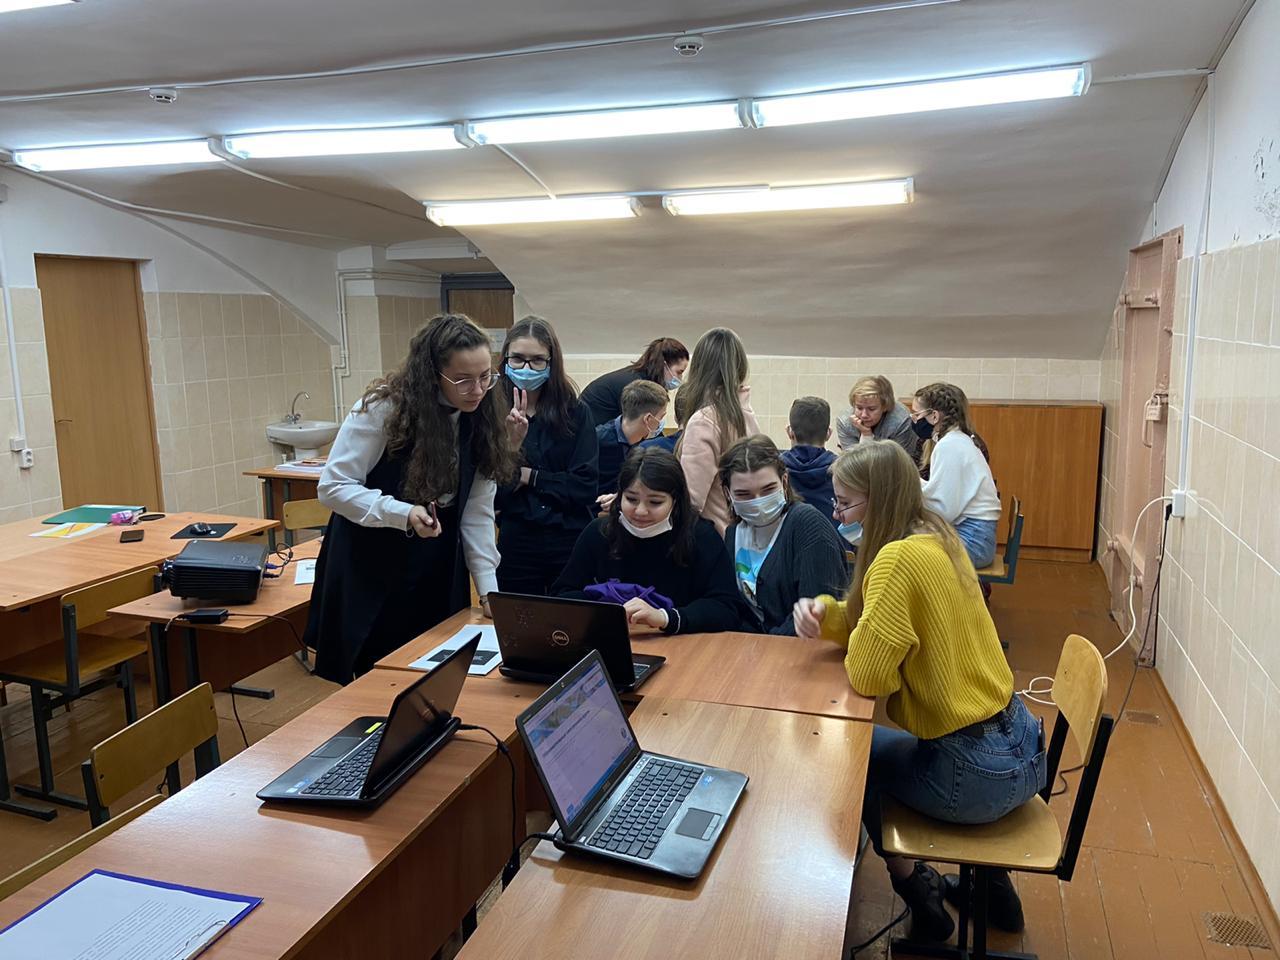 Ярославские студенты отметили Международный день энергосбережения экологической акцией